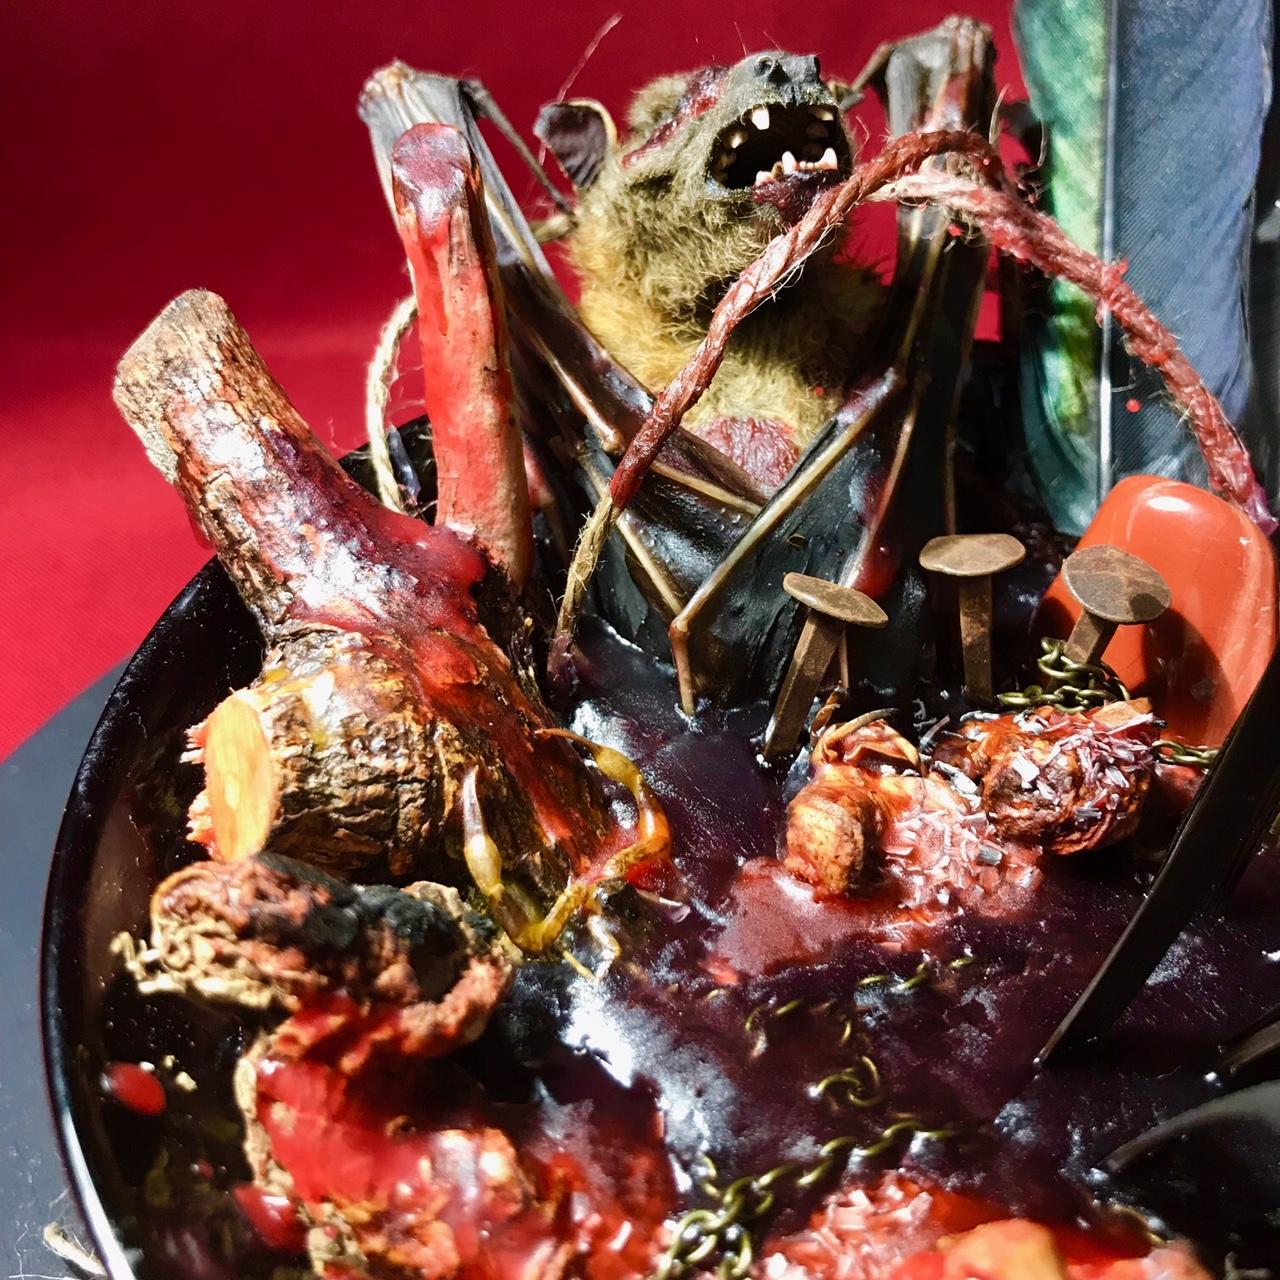 Poderosa Ofrenda para el Demonios - solo para ritos y ceremonias para el diablo - magia negra - magia roja - ritual satánico - magia mayor